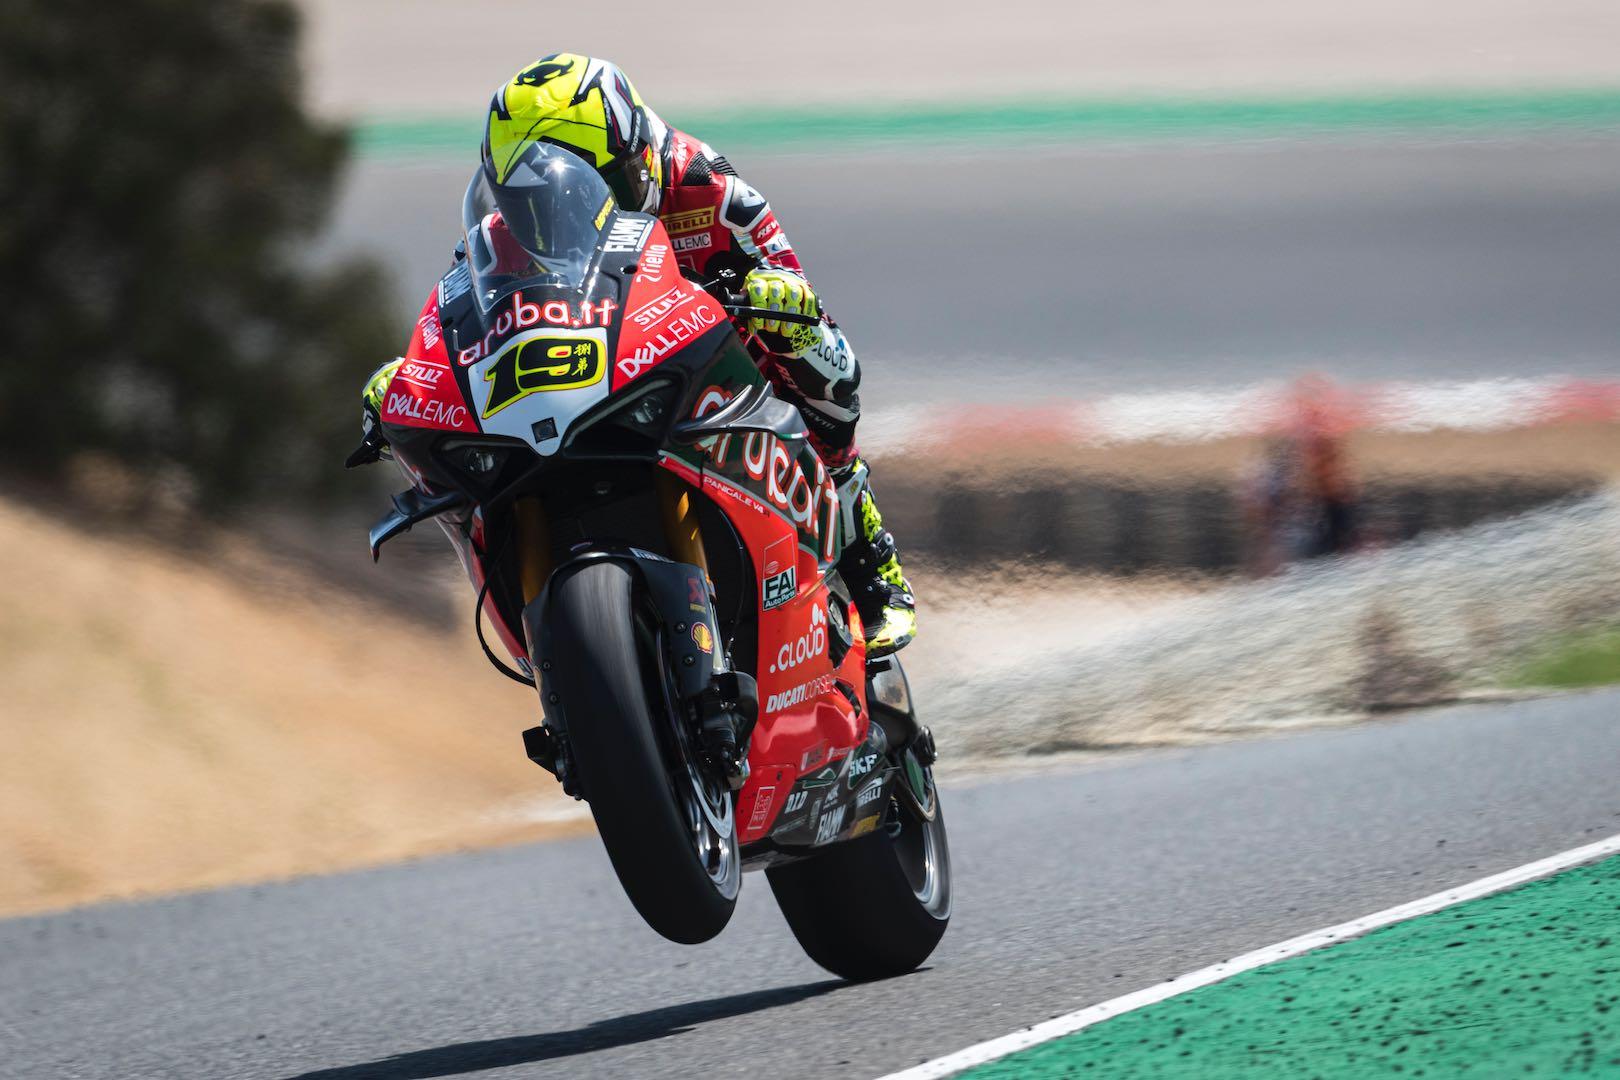 2019 Portugal World Superbike Results Ducati's Alvaro Bautista